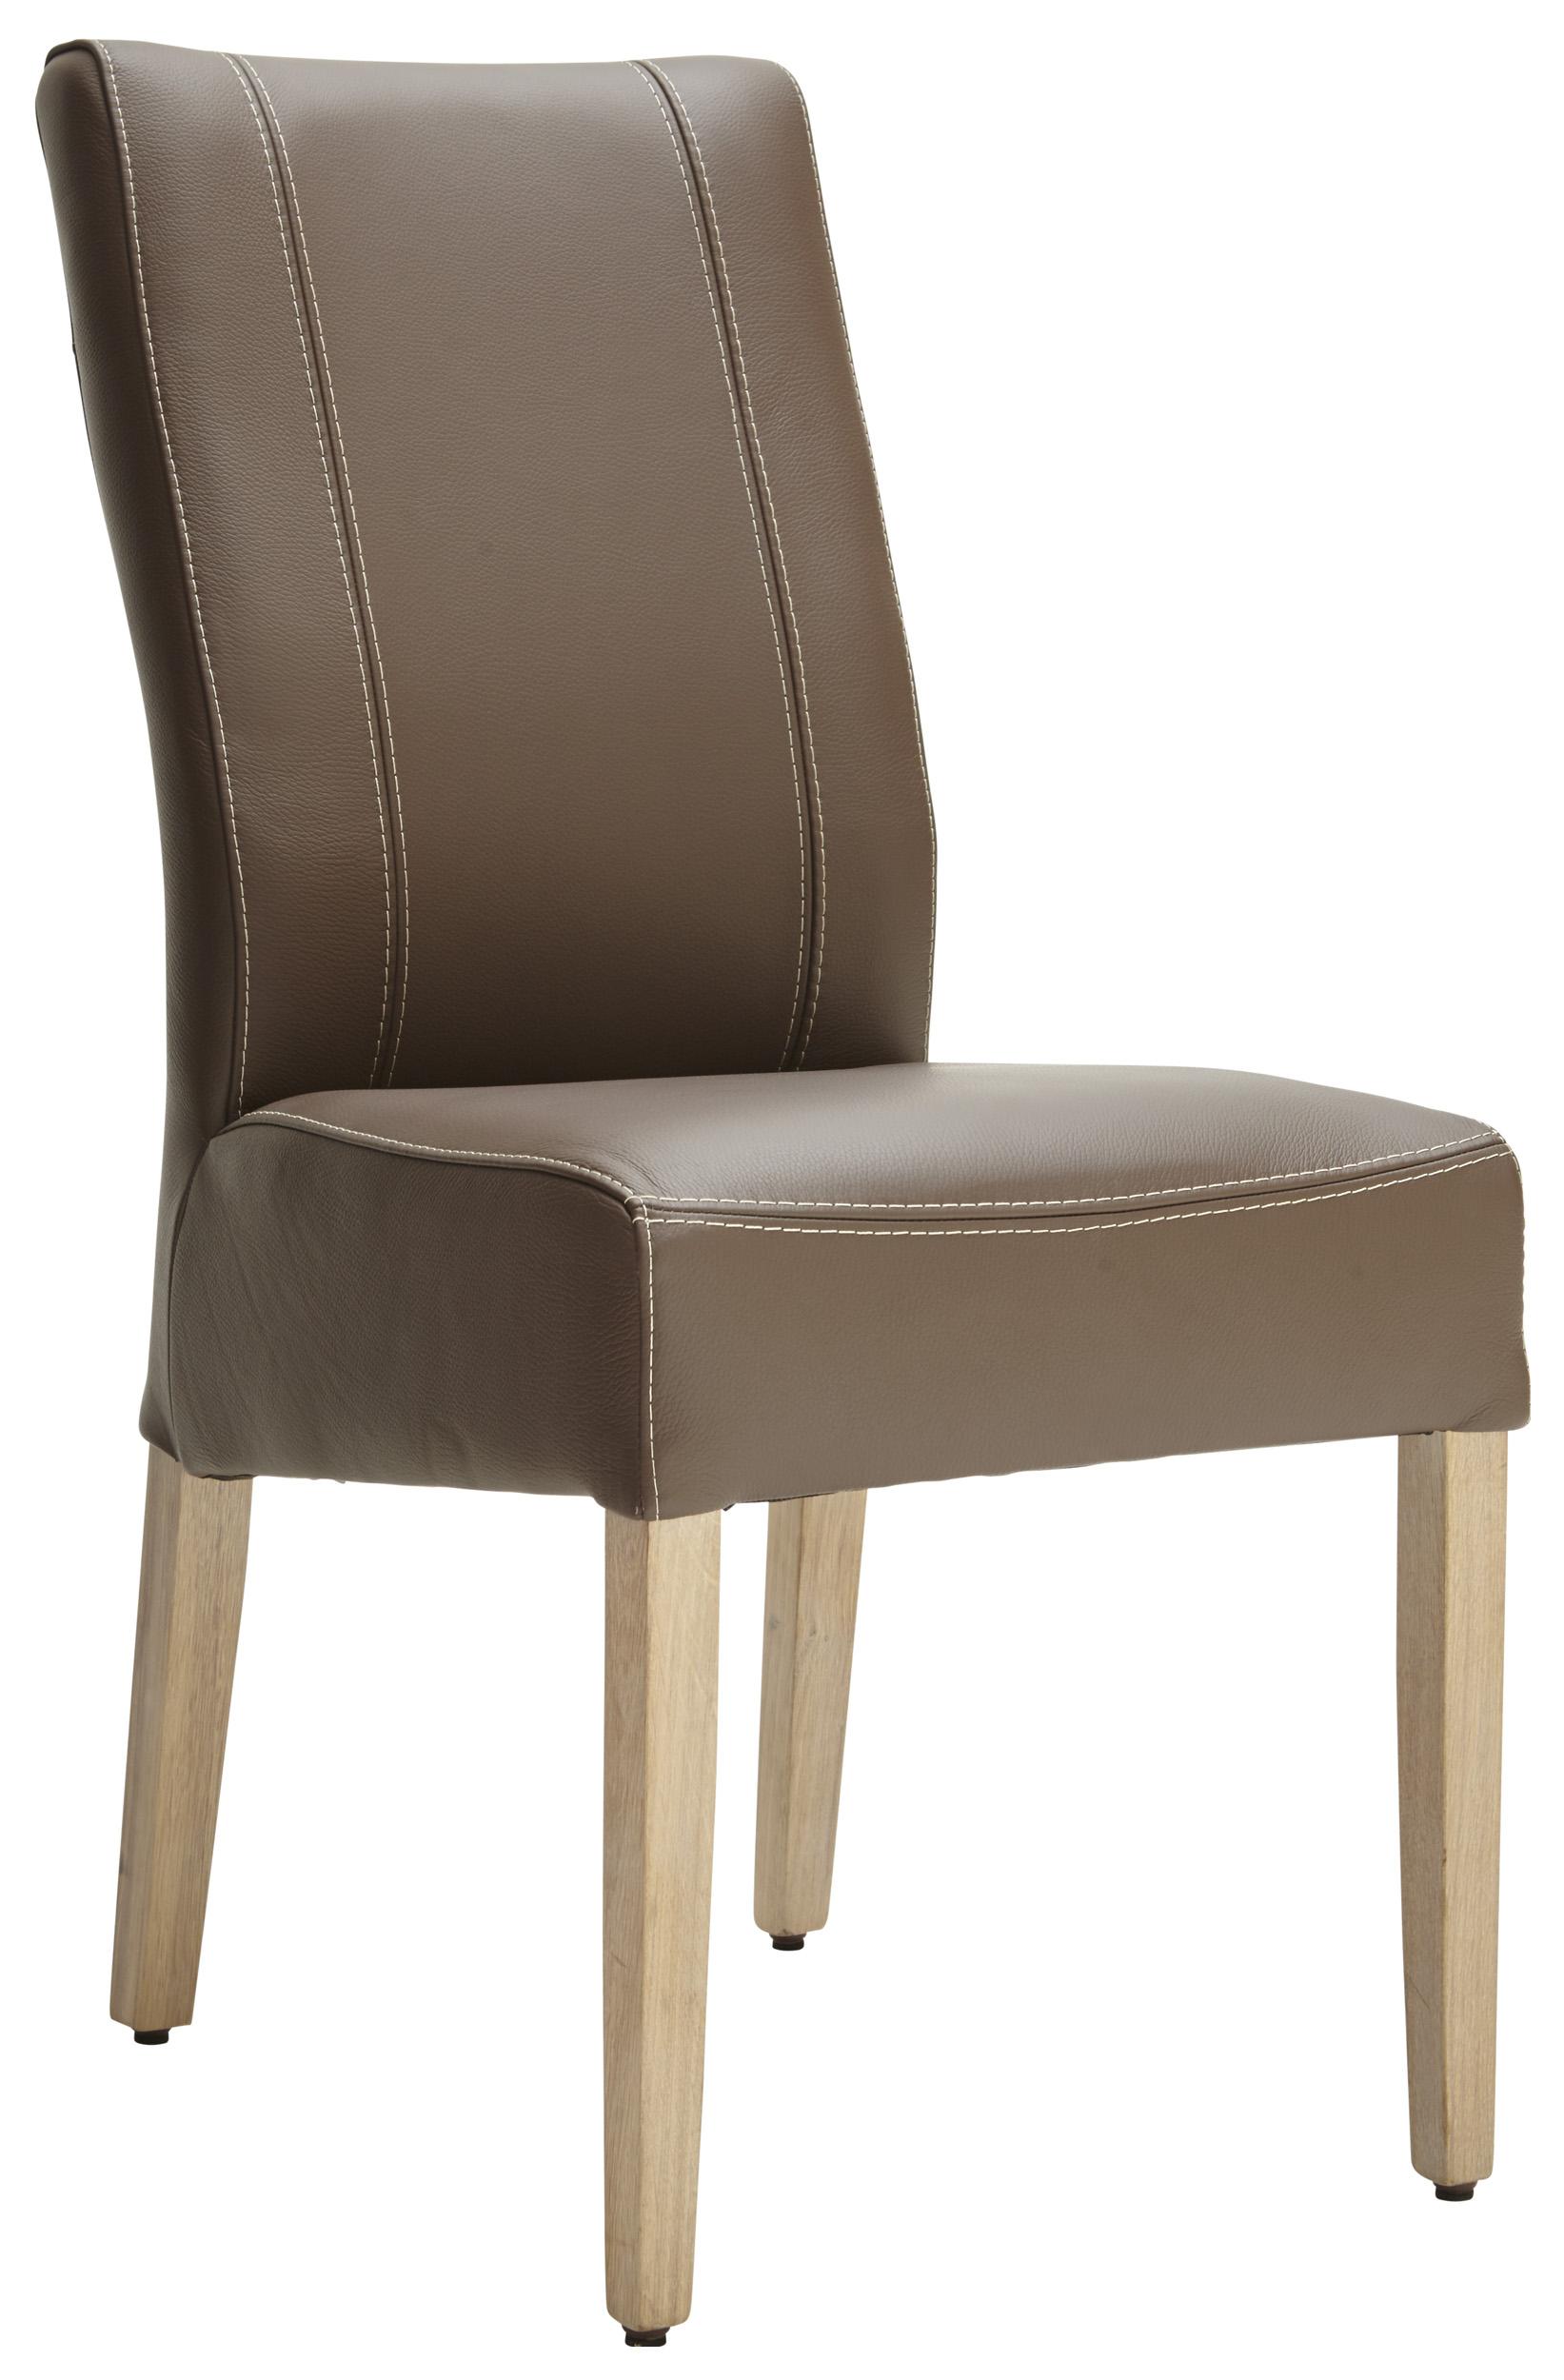 espresso farbener lederstuhl mit f en in eiche bianco natura utah m belhaus pohl. Black Bedroom Furniture Sets. Home Design Ideas